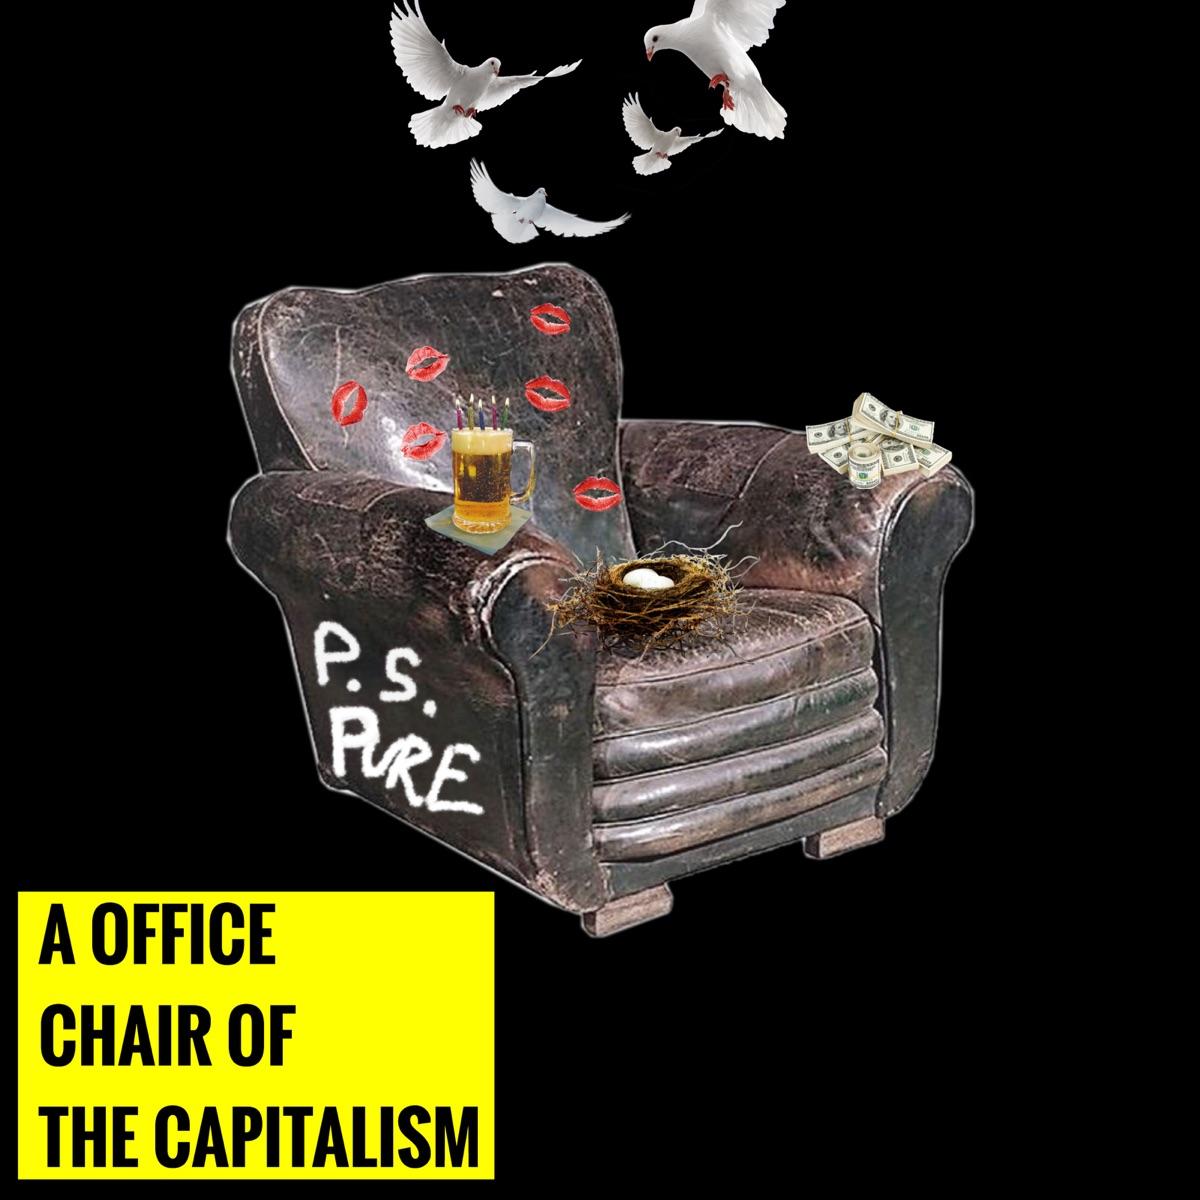 『WurtS - マイティーマイノリティ』収録の『資本主義の椅子』ジャケット